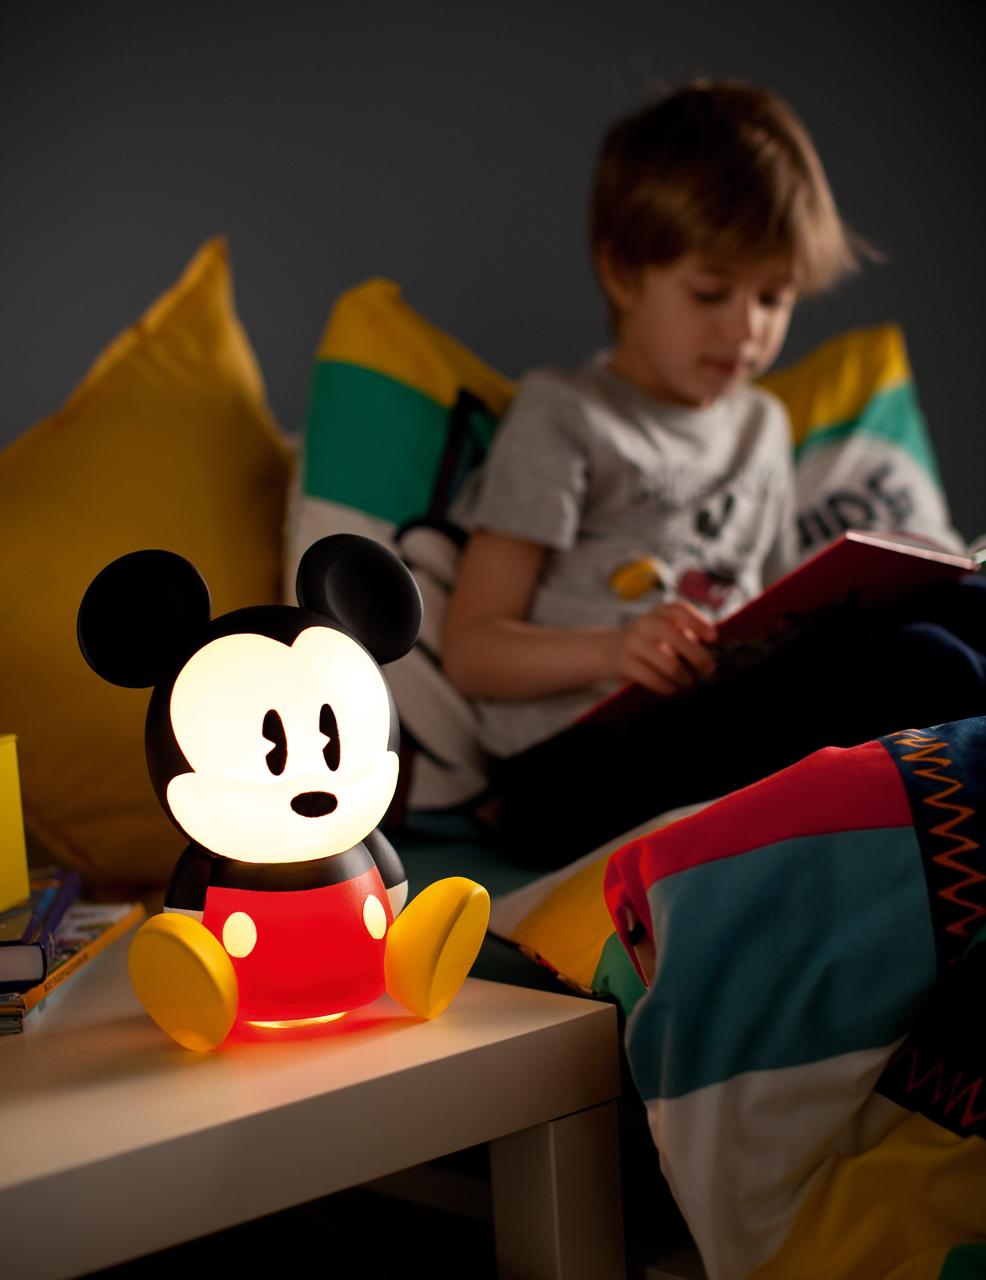 Micky Maus hilft beim Schlafen - als Disney Philips LED-Leuchte ...